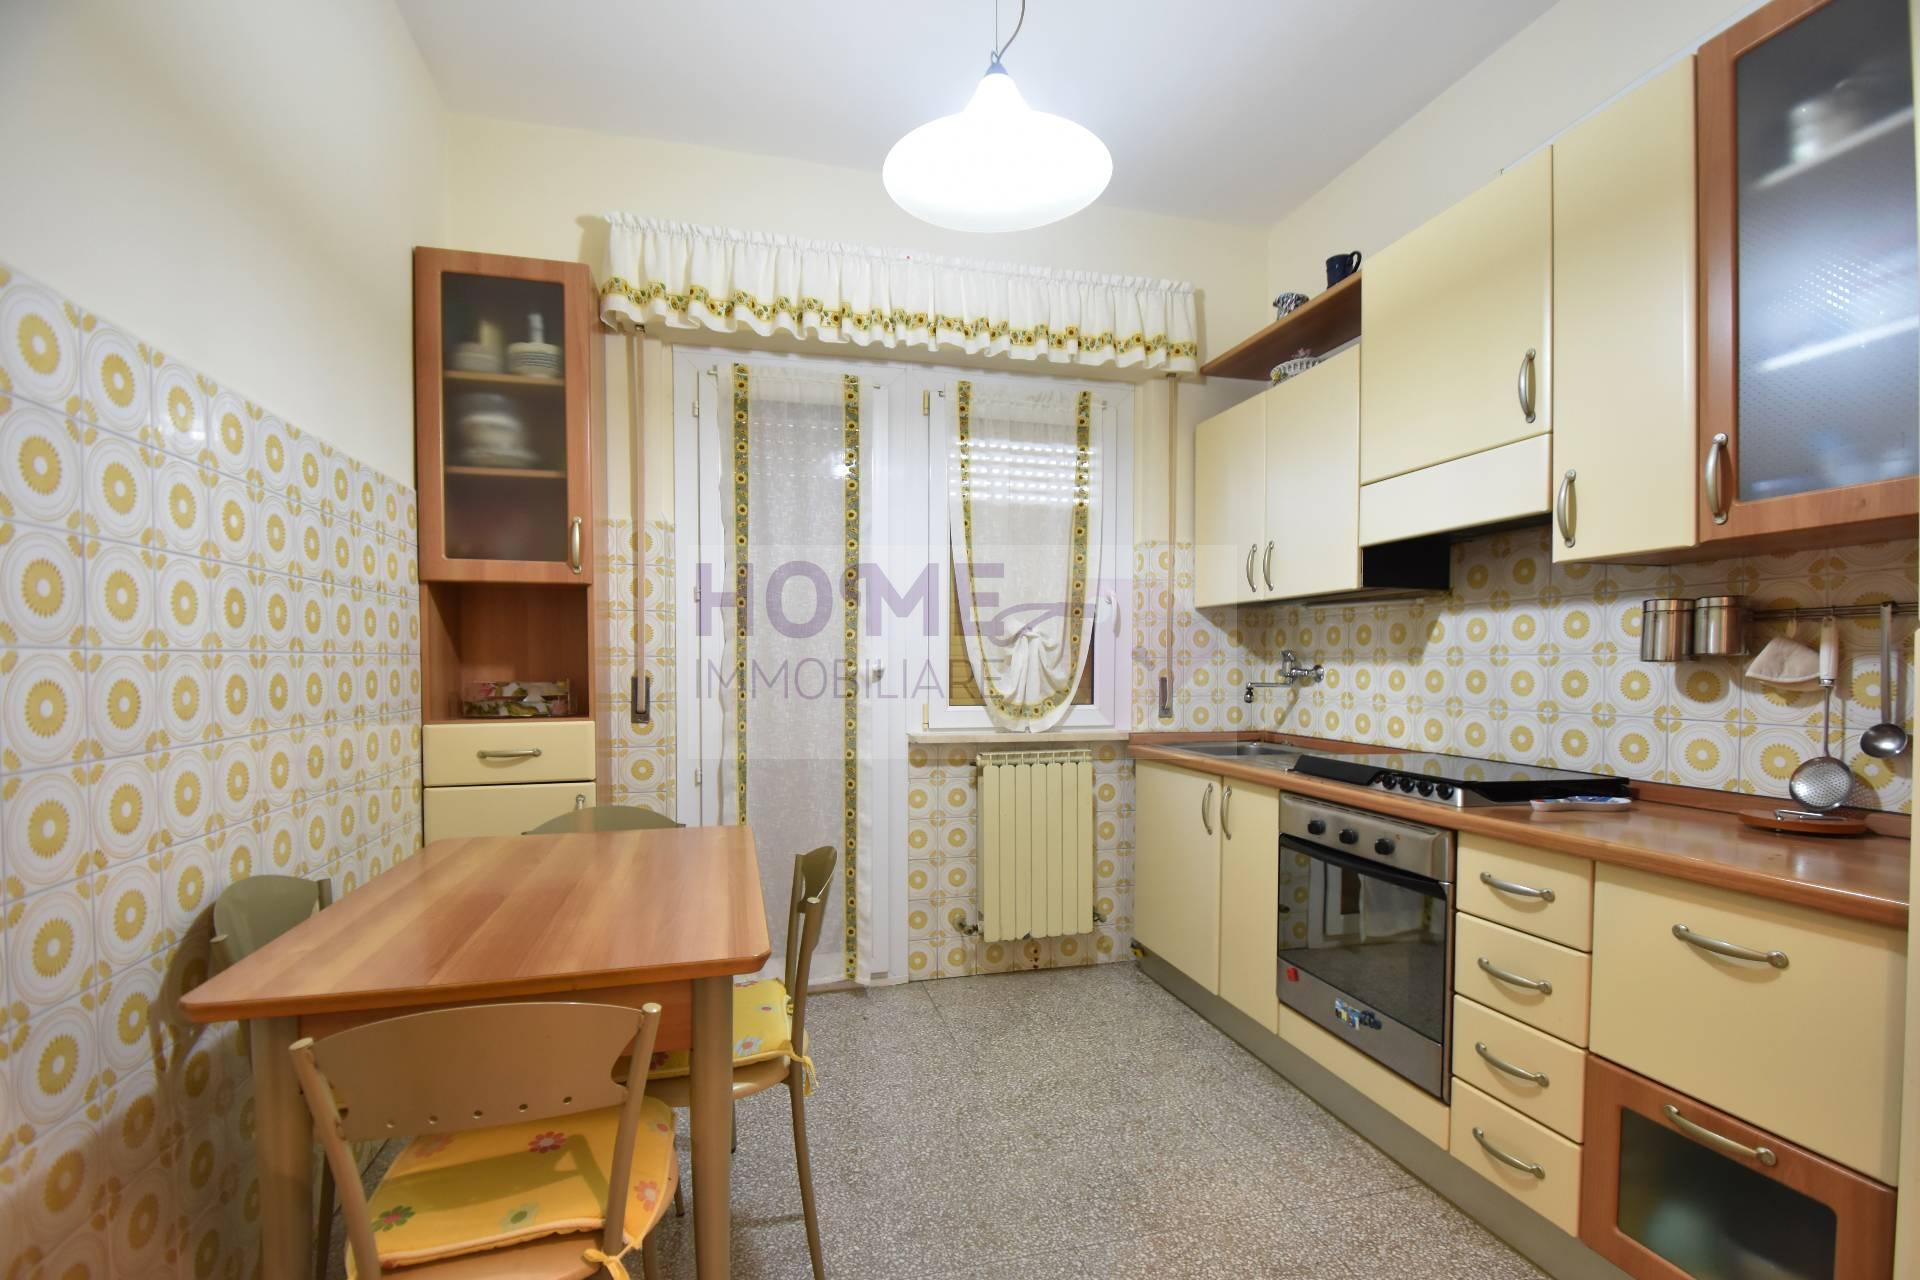 Appartamento, 86 Mq, Vendita - Macerata (Macerata)